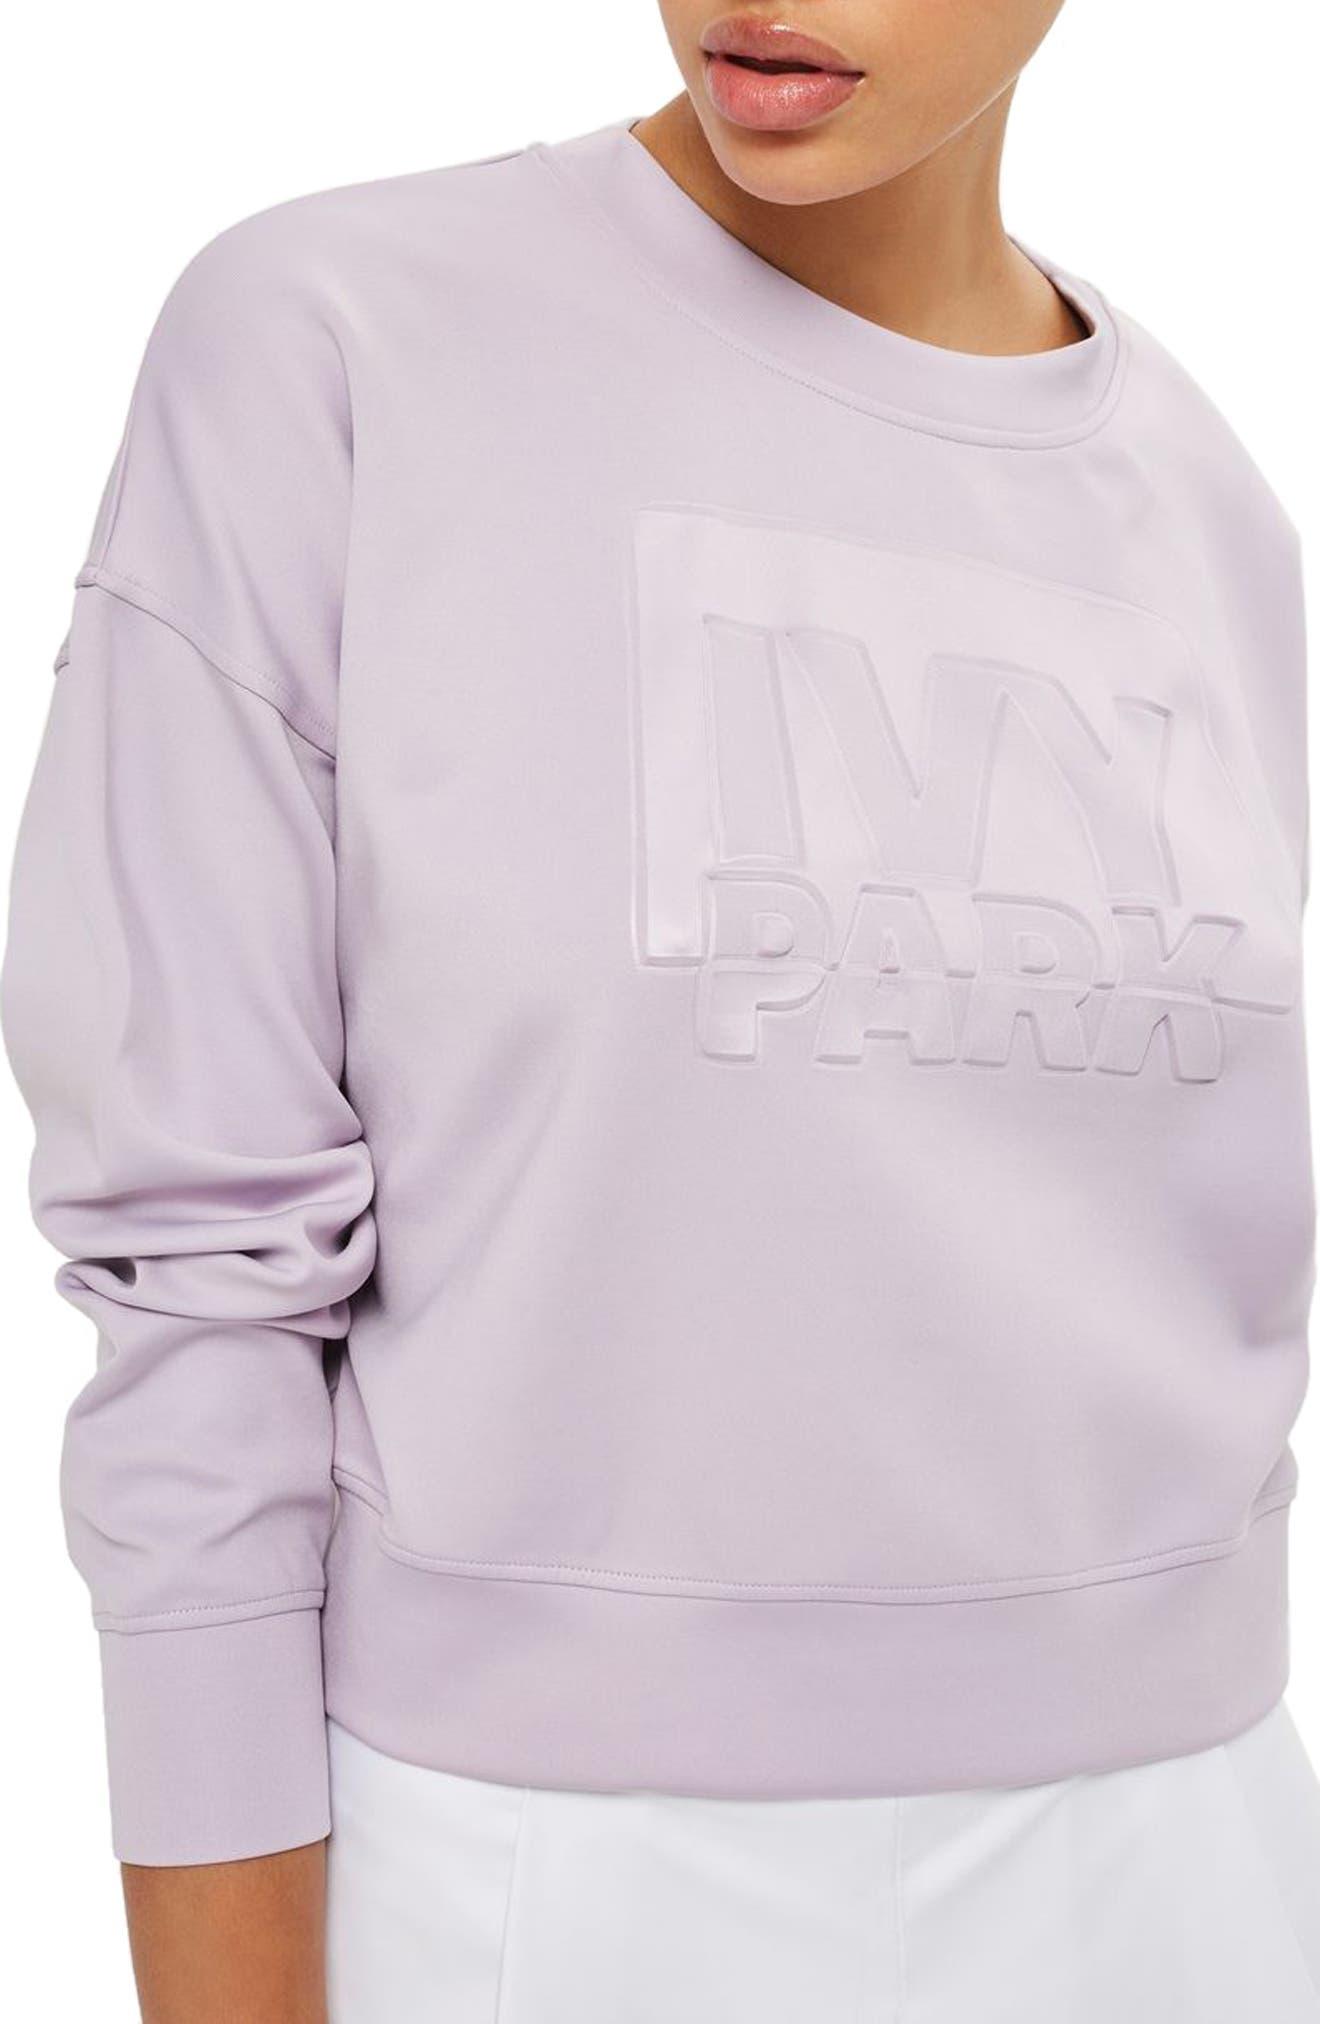 IVY PARK® Embossed Logo Sweatshirt